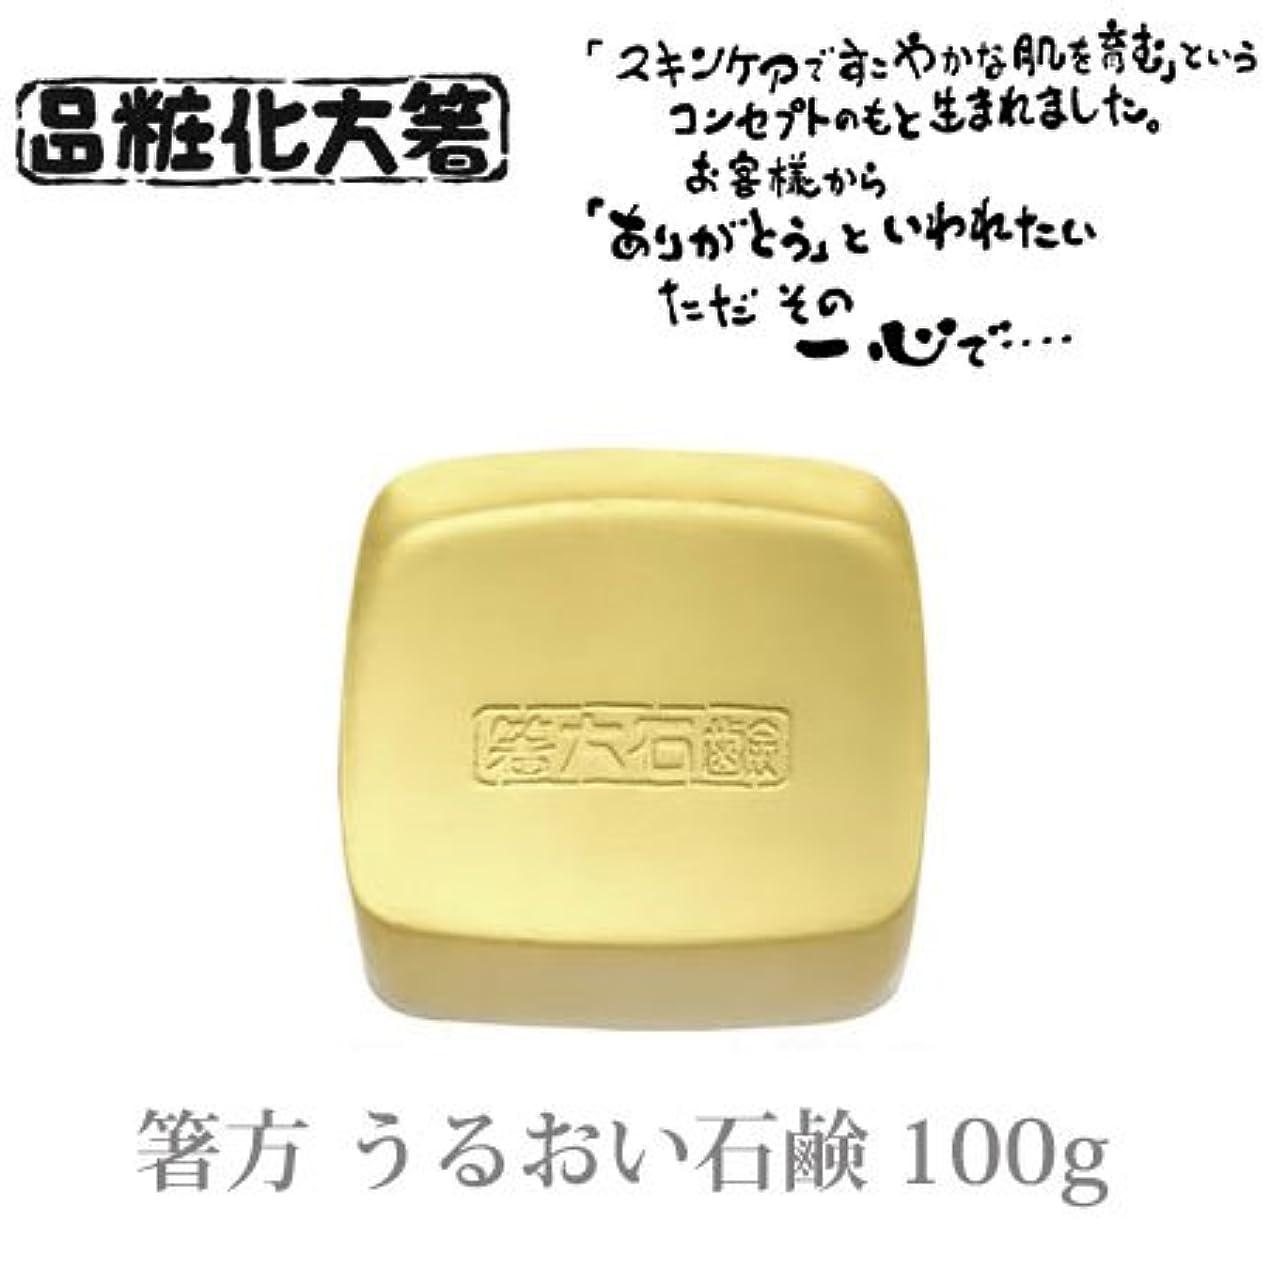 マダムつかまえるバージン箸方化粧品 うるおい石鹸 100g はしかた化粧品